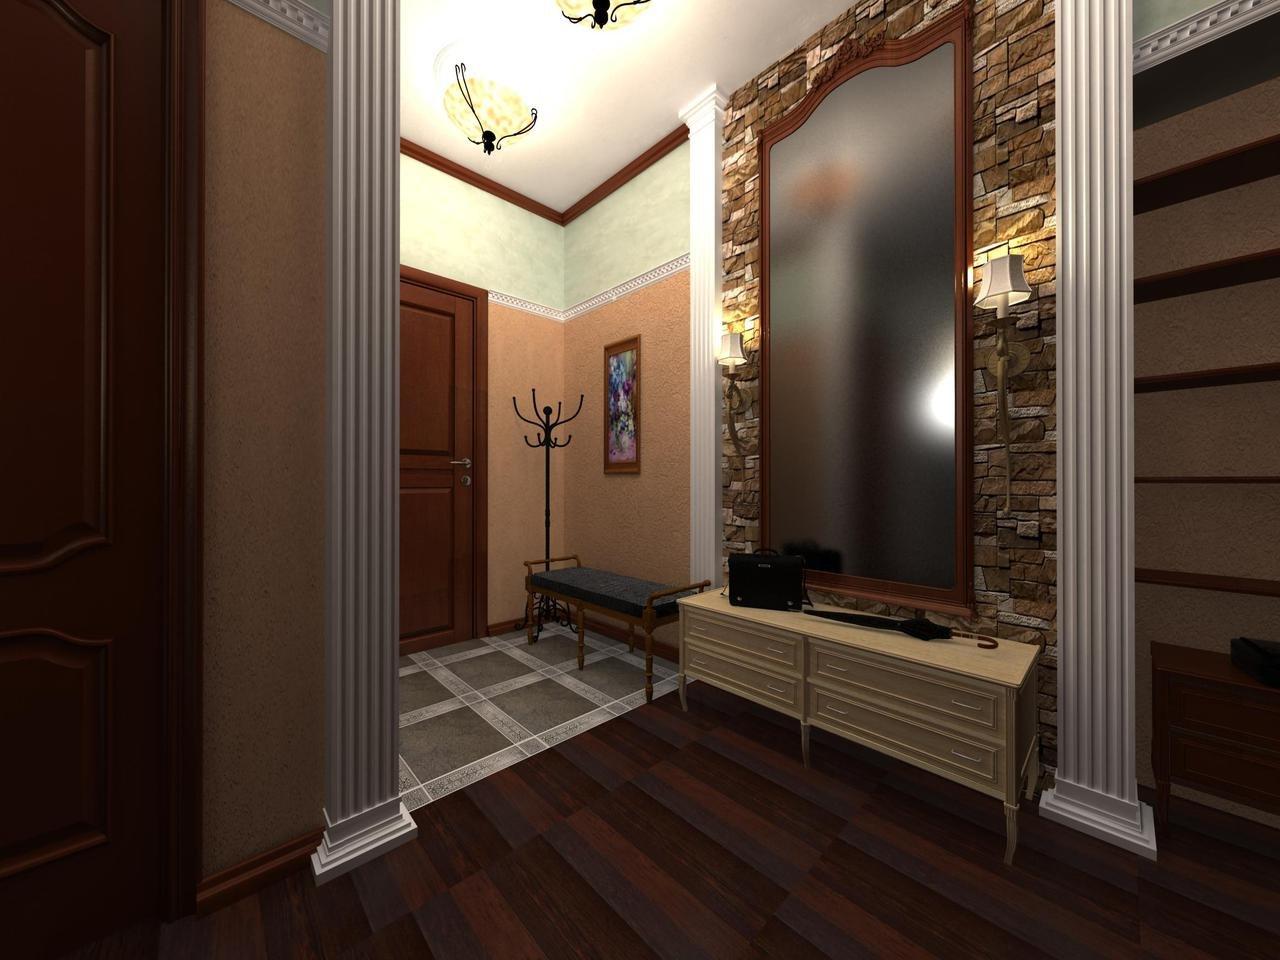 зеркало в коридоре в квартире фото